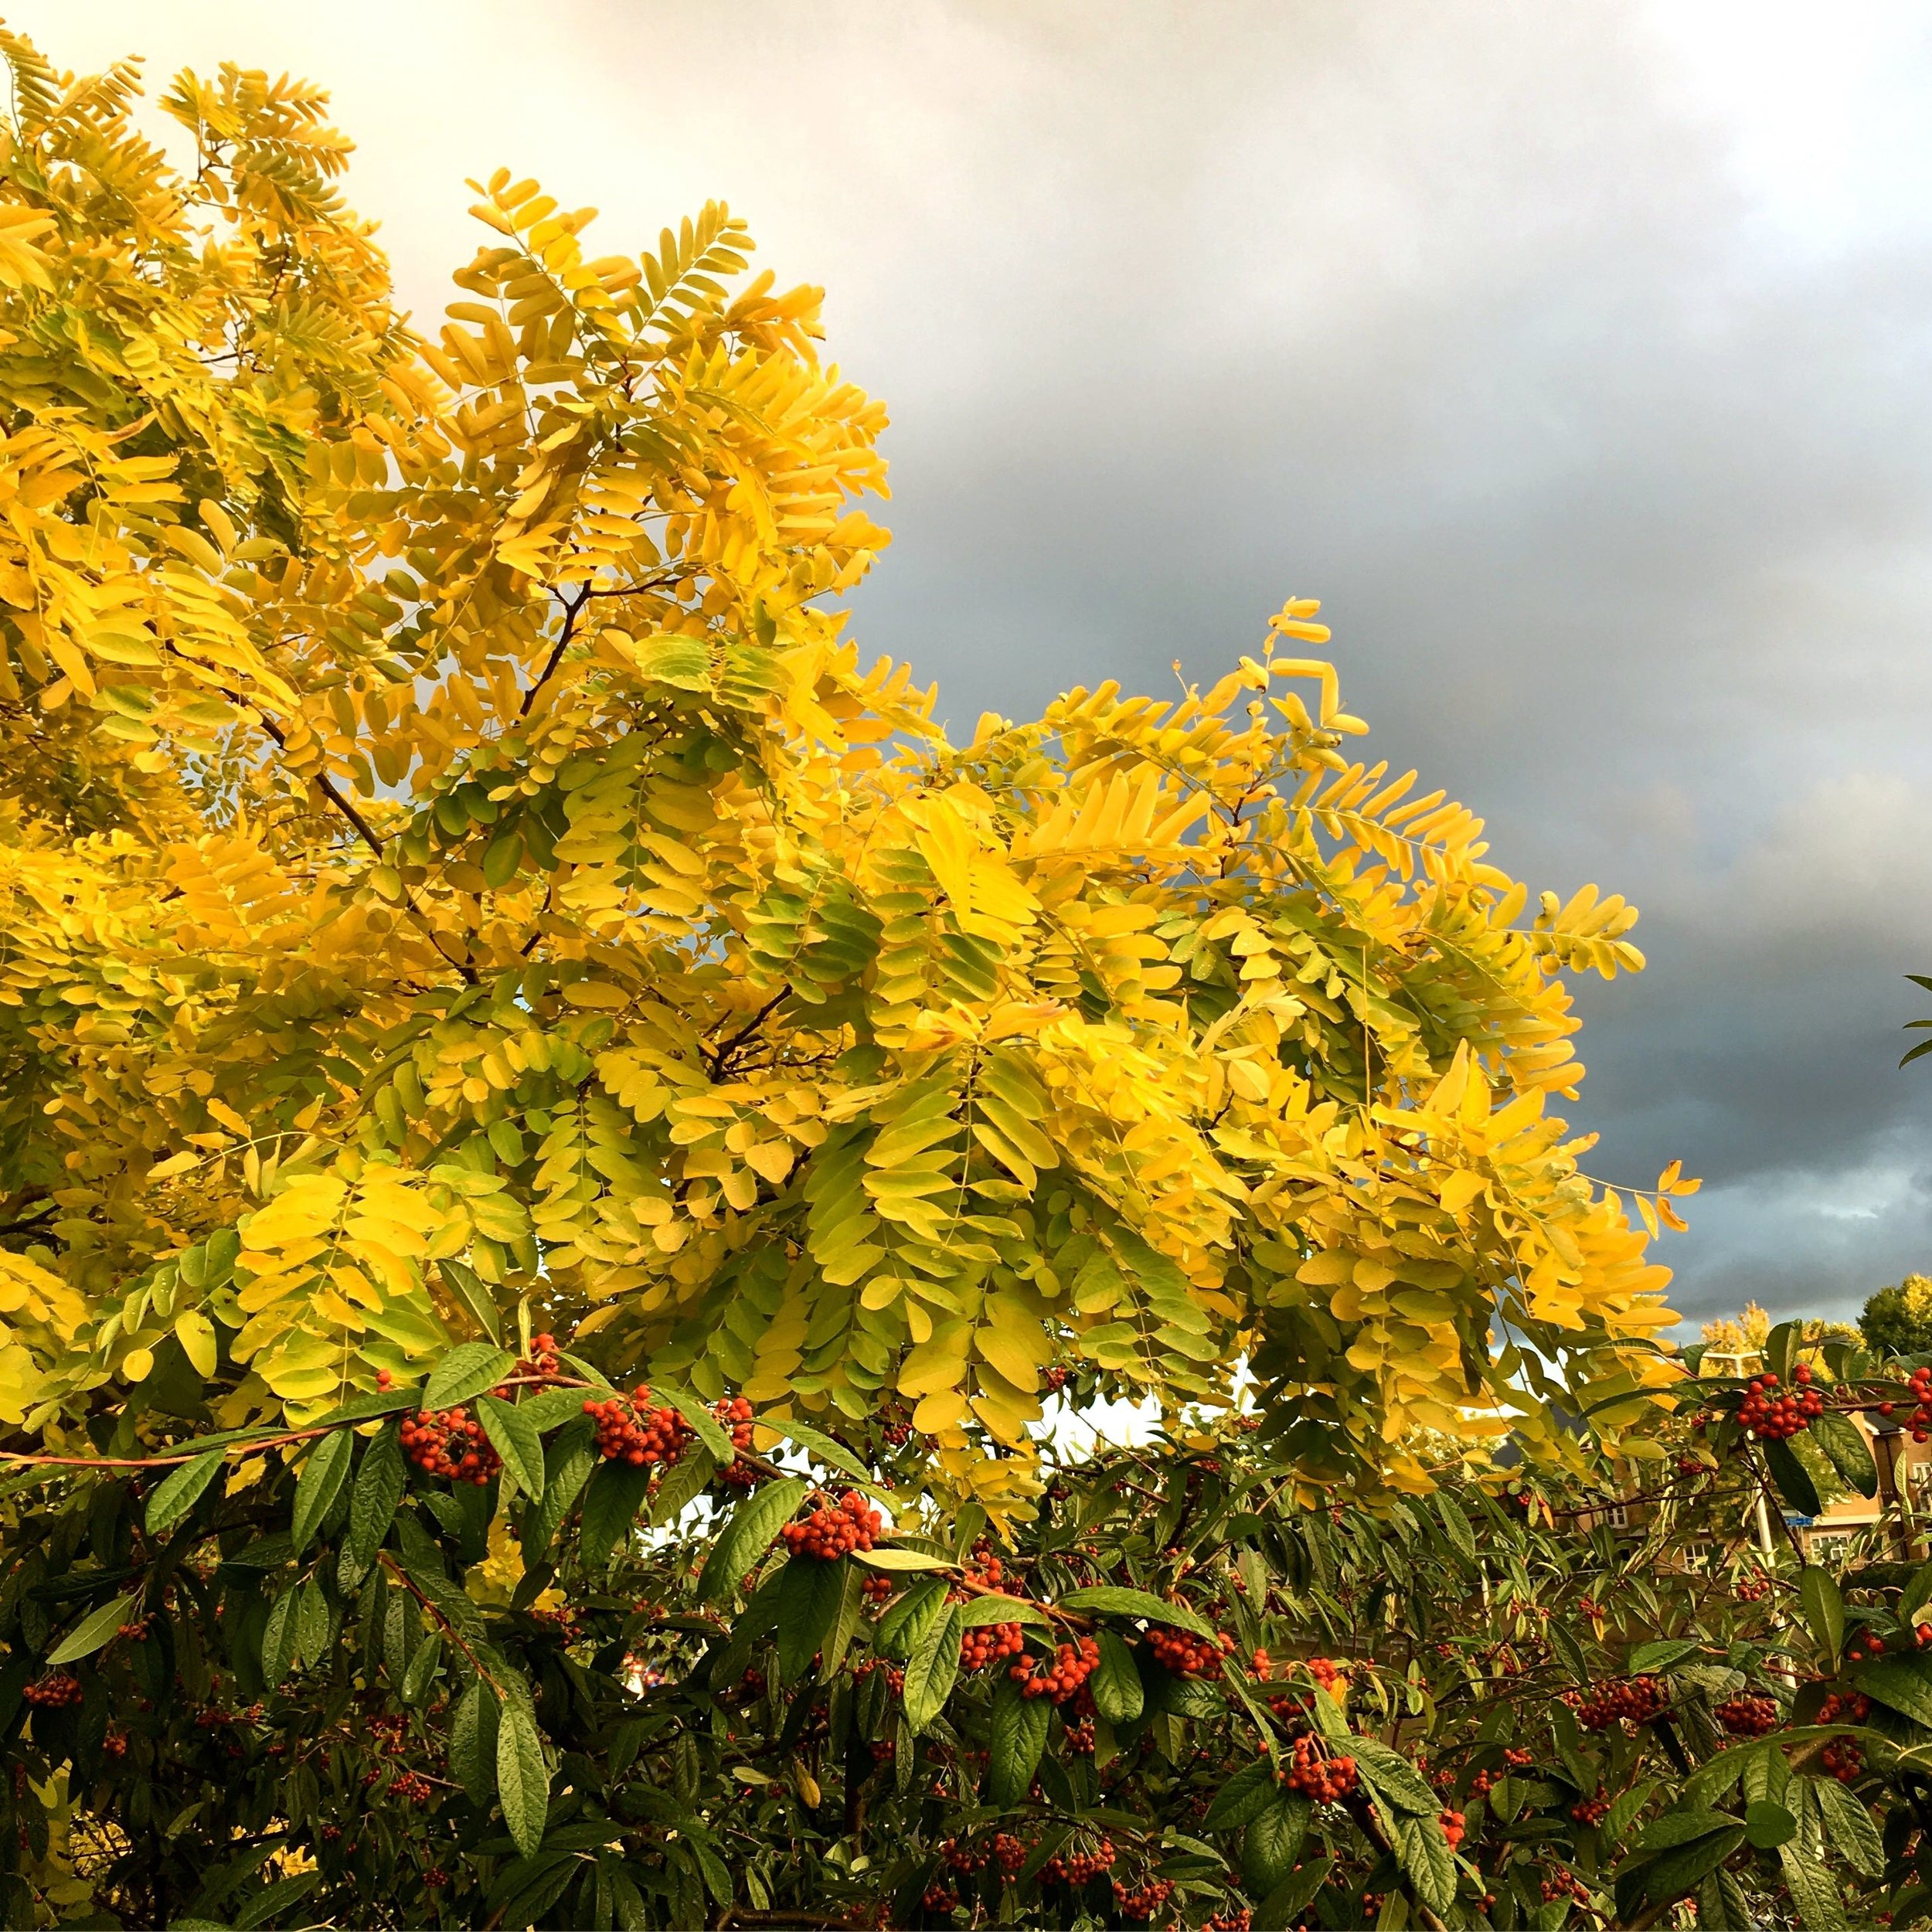 autumnal rowan leaves against a moody sky